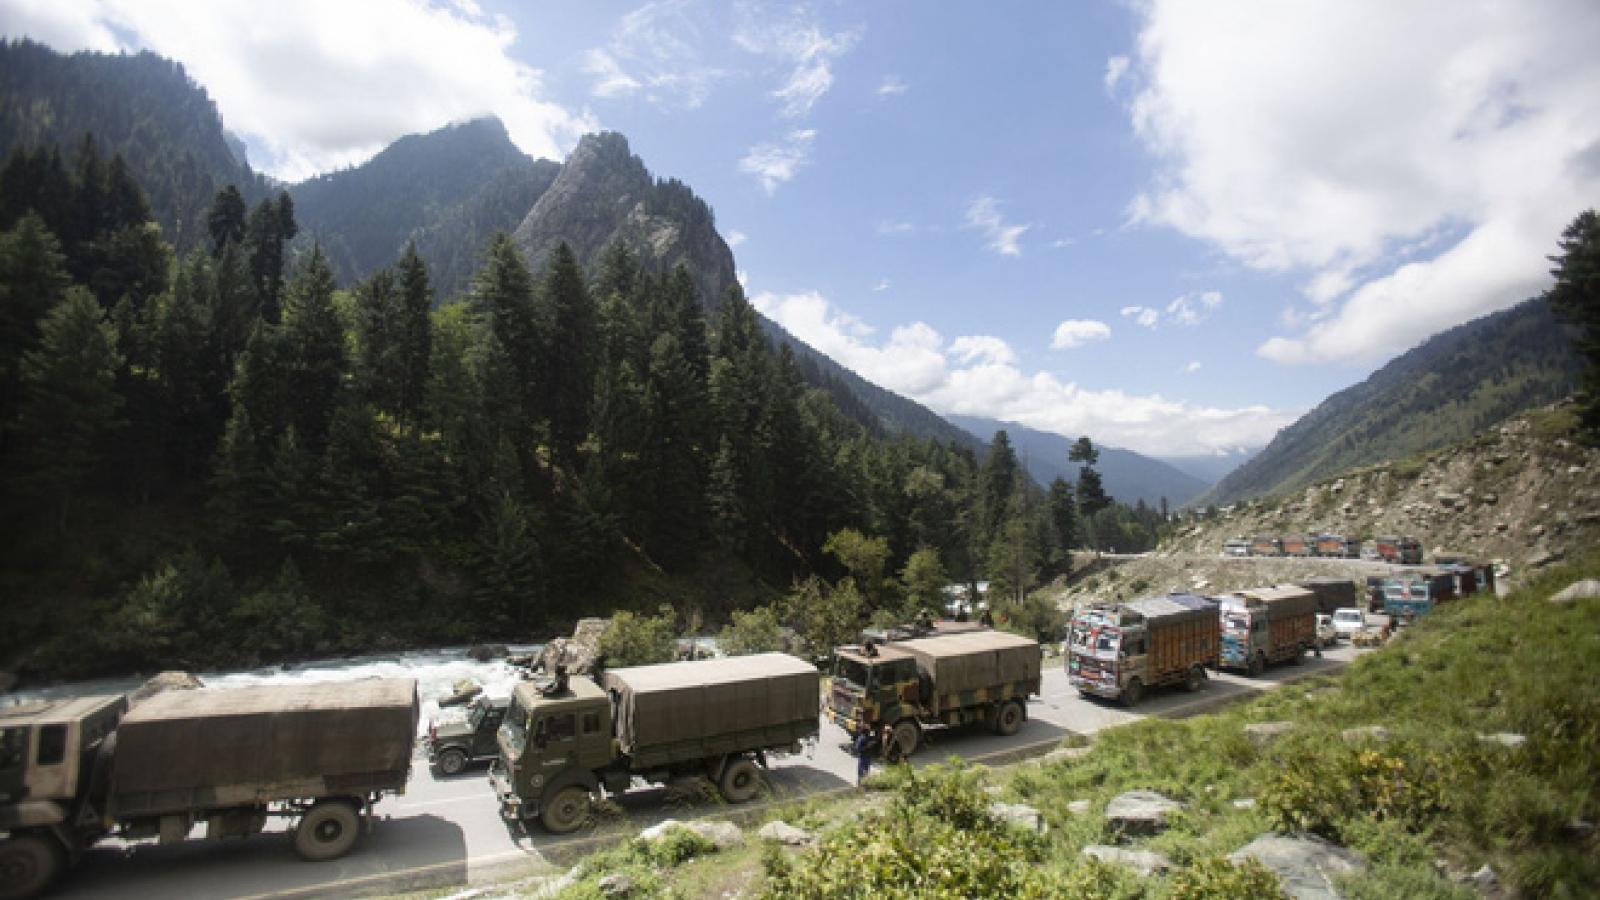 Ấn Độ và Trung Quốc nhất trí cùng làm việc nhằm giảm căng thẳng